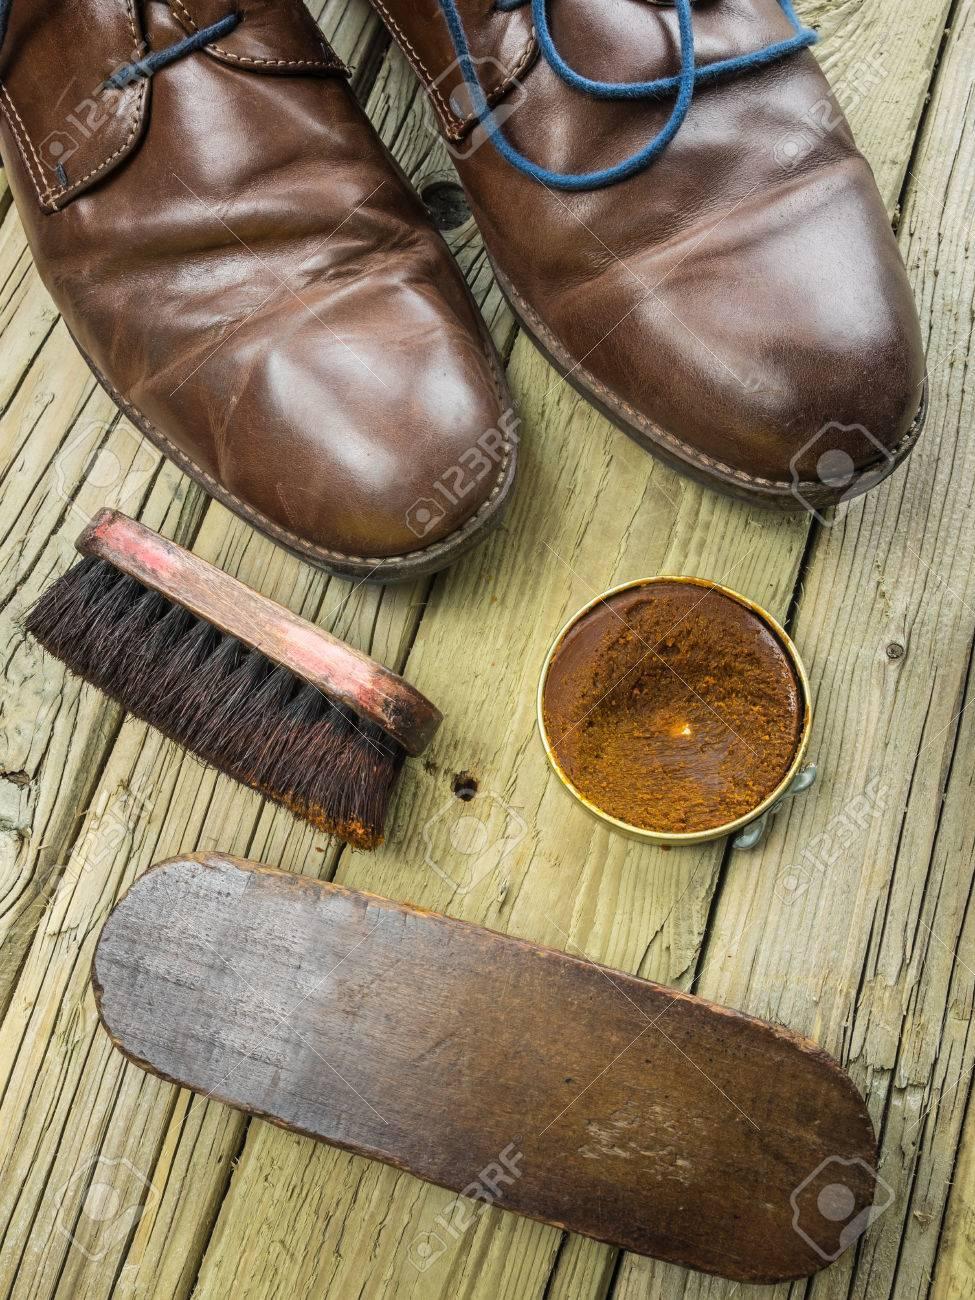 Bois Sur Avec Noués En Et Un Des Cuir Chaussures Ans Brosses Vieilles Fond Anciennes Marron Du Cirage De lcFJK1T3